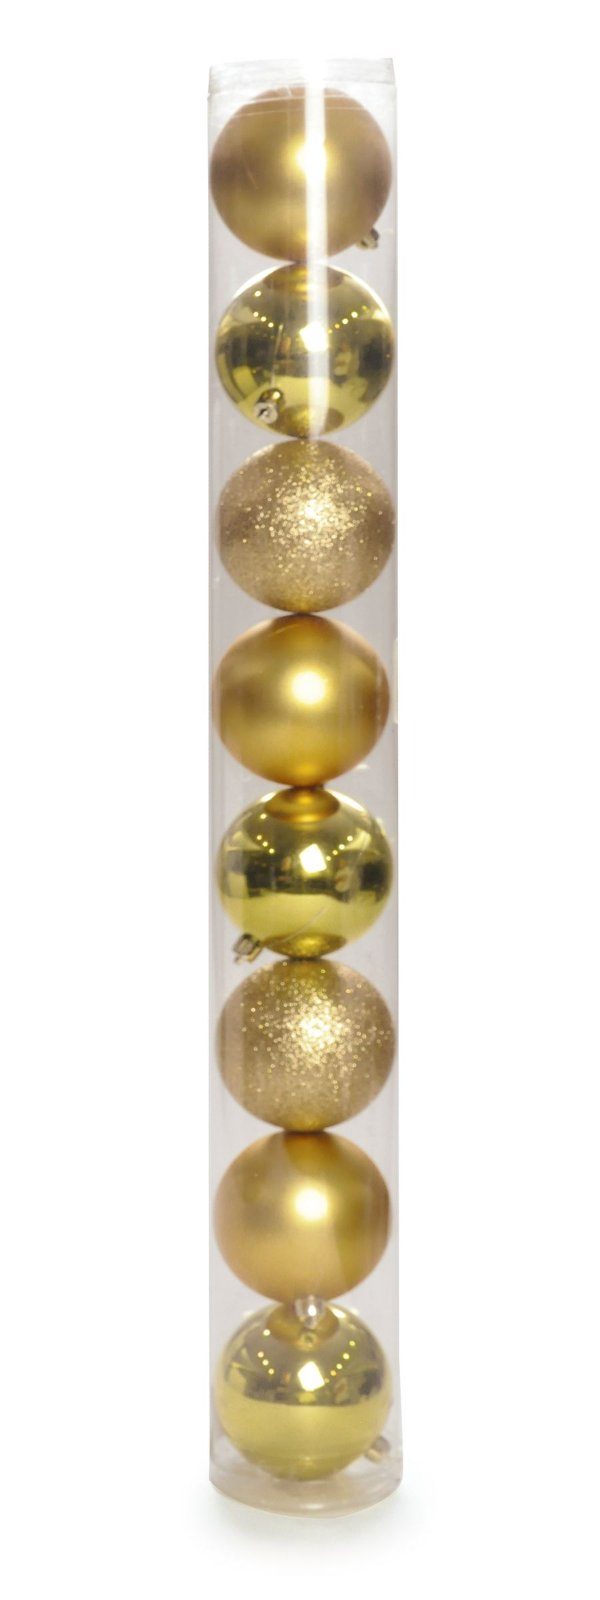 Bolas em Tubo Ouro 5cm - 08 unidades - Cromus Natal - Rizzo Embalagens